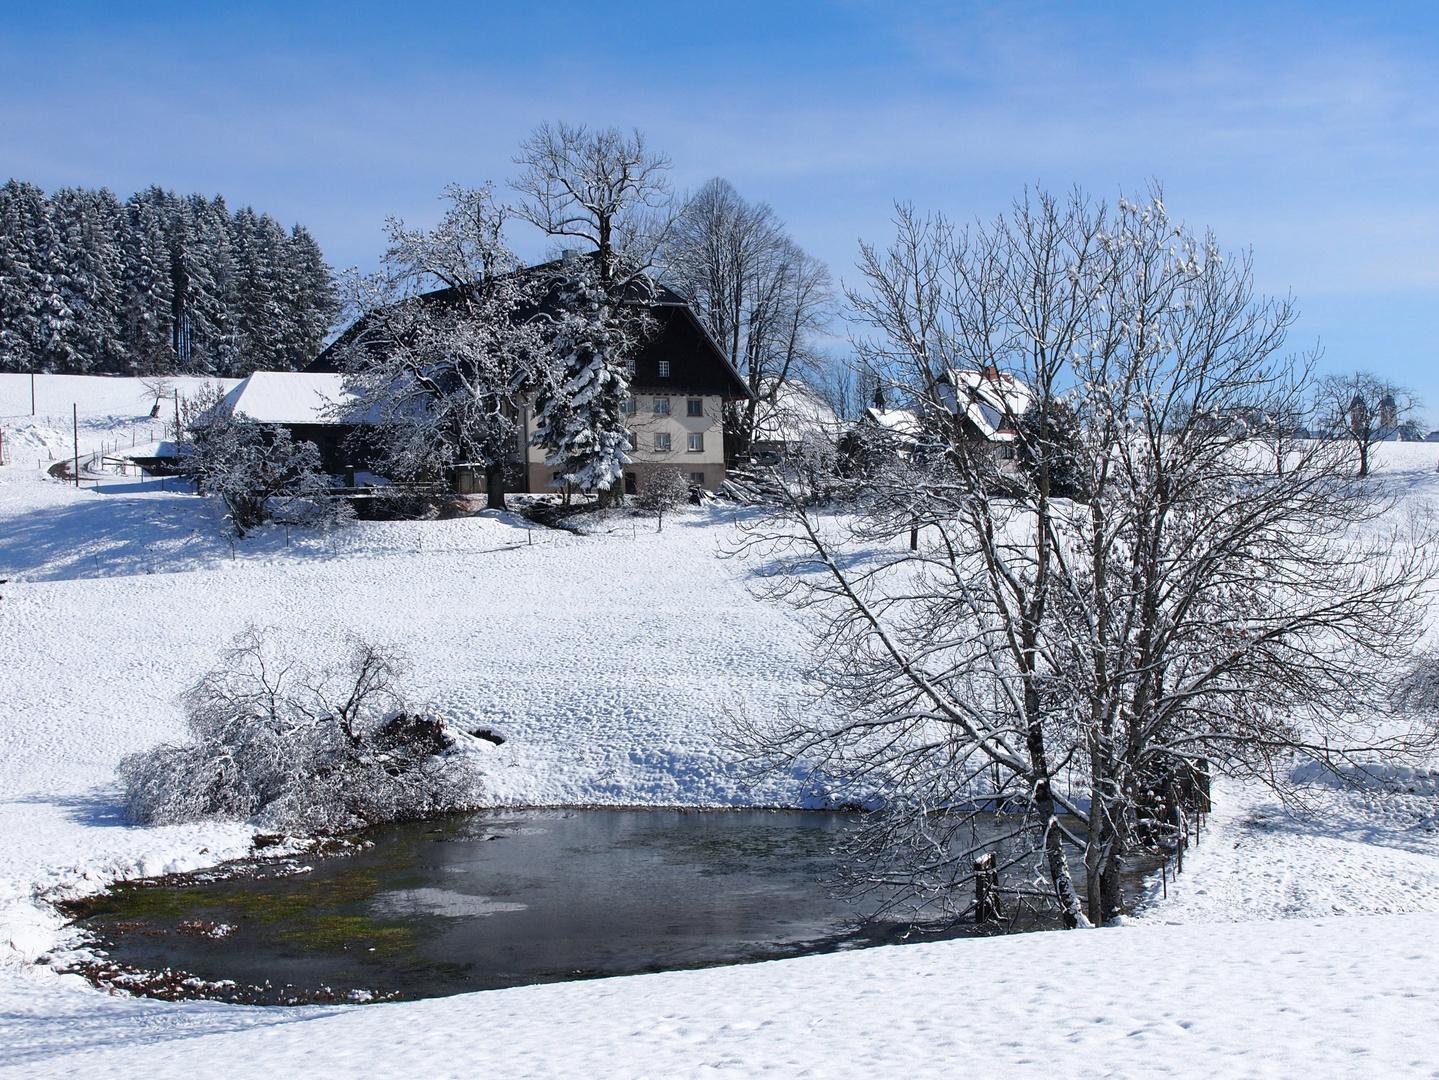 Bauernhof und Teich